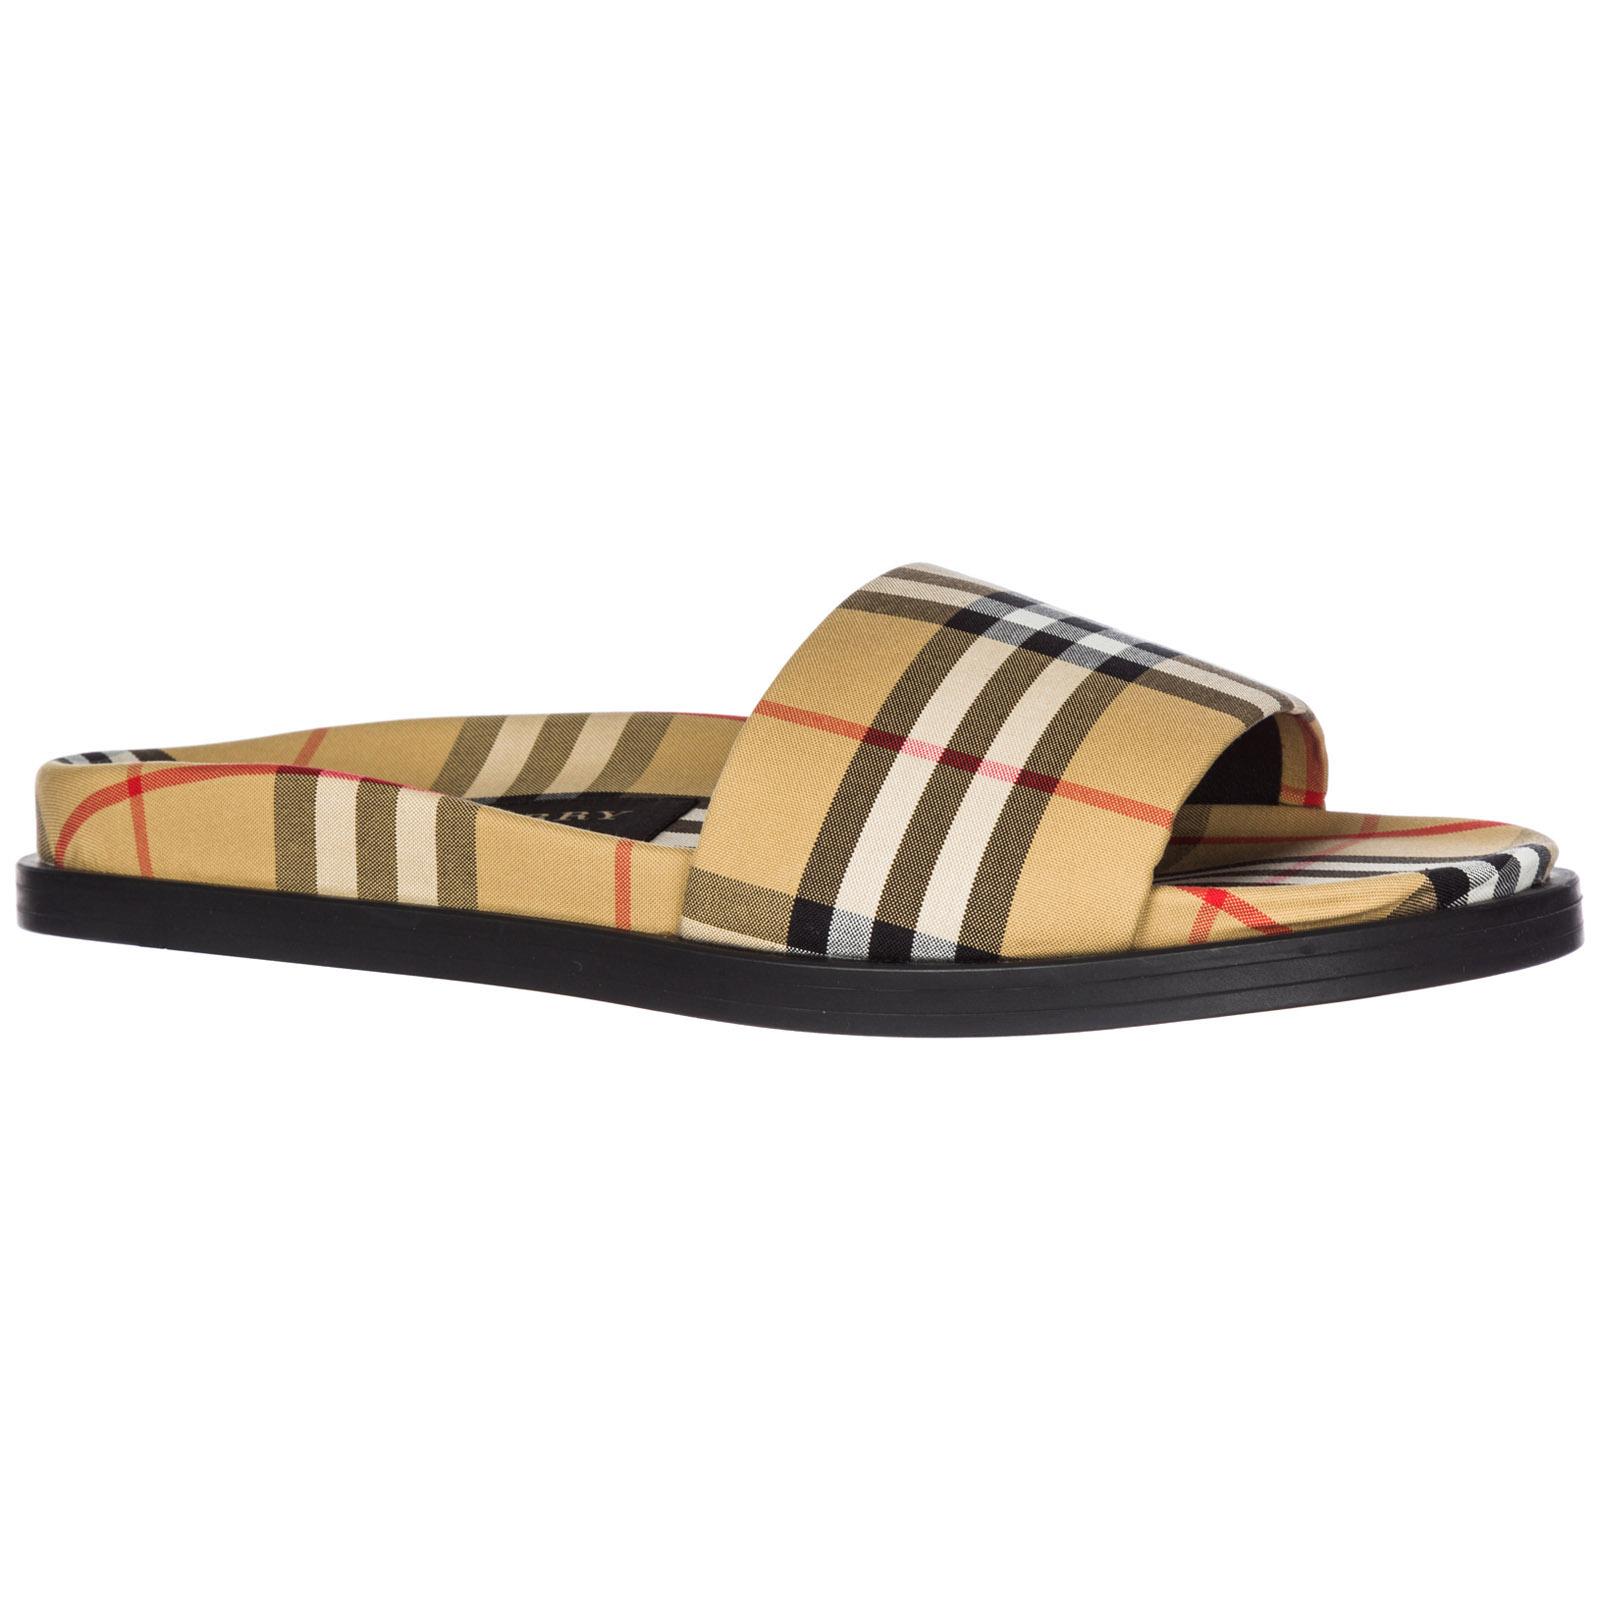 7401f4525 Hombres zapatillas sandalias ashmore Hombres zapatillas sandalias ashmore  Hombres zapatillas sandalias ashmore ...